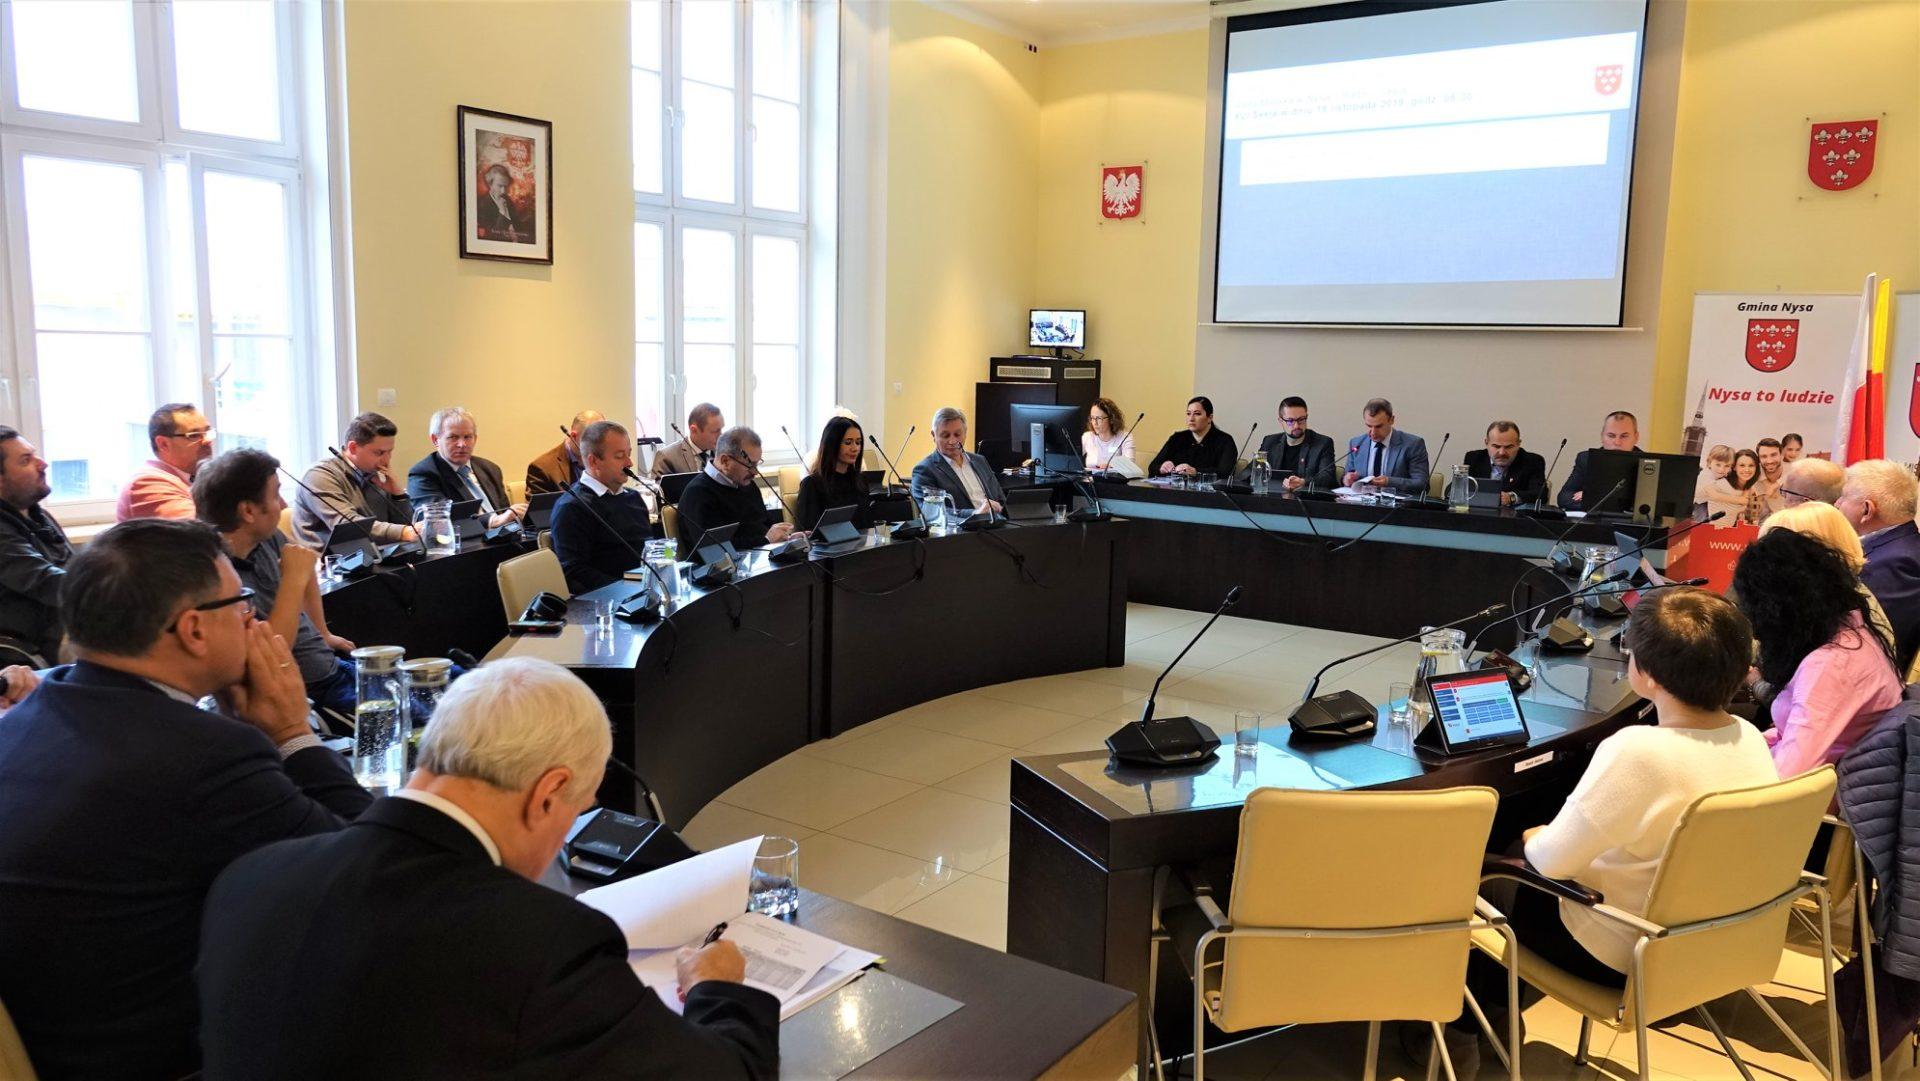 Porządek obrad XXI Sesji Rady Miejskiej w Nysie